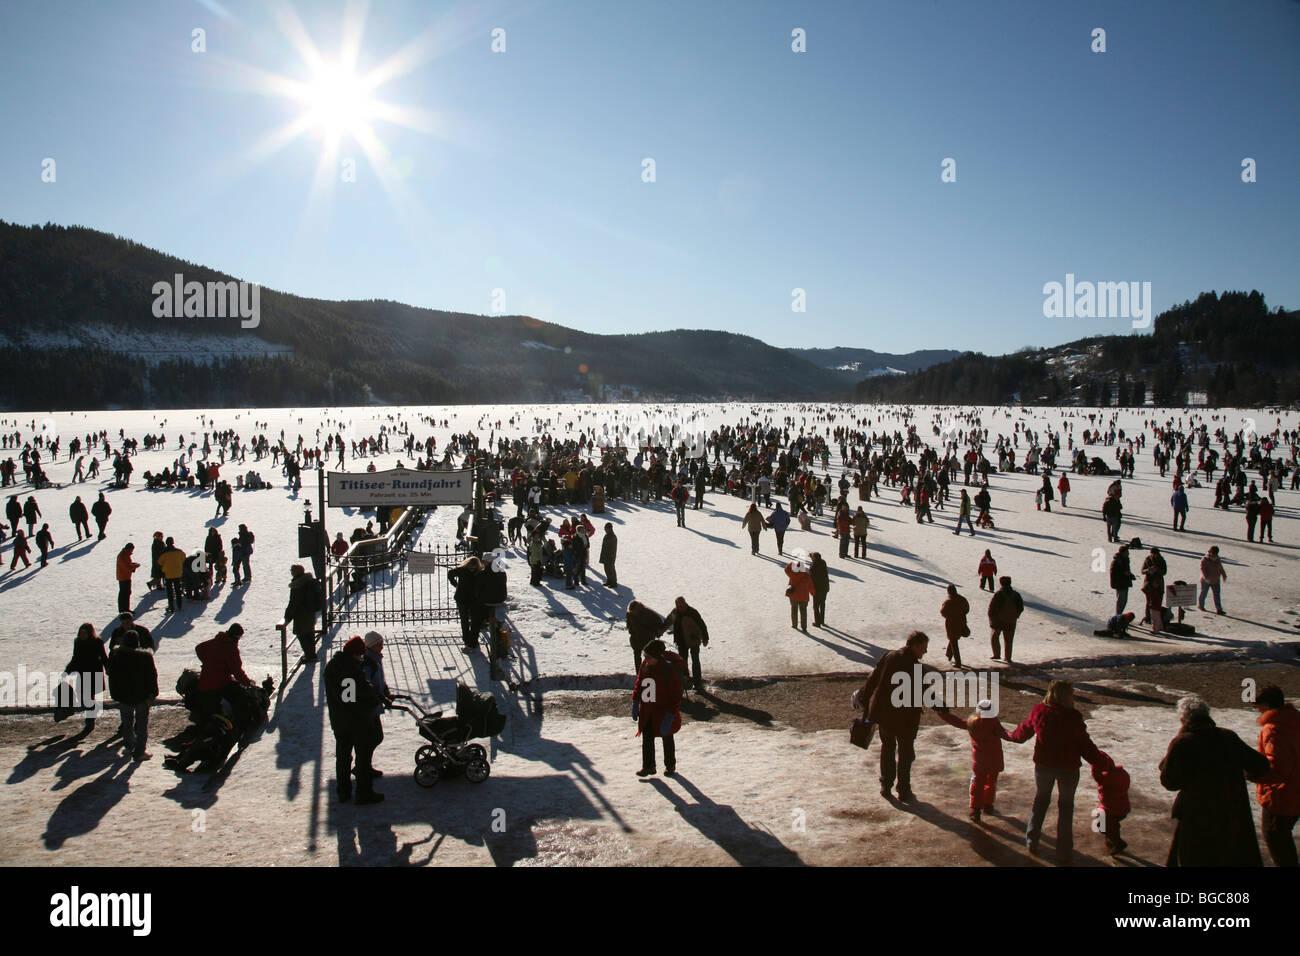 Menschenmassen auf dem zugefrorenen Titisee-See im Schwarzwald, Baden-Württemberg, Deutschland, Europa Stockbild